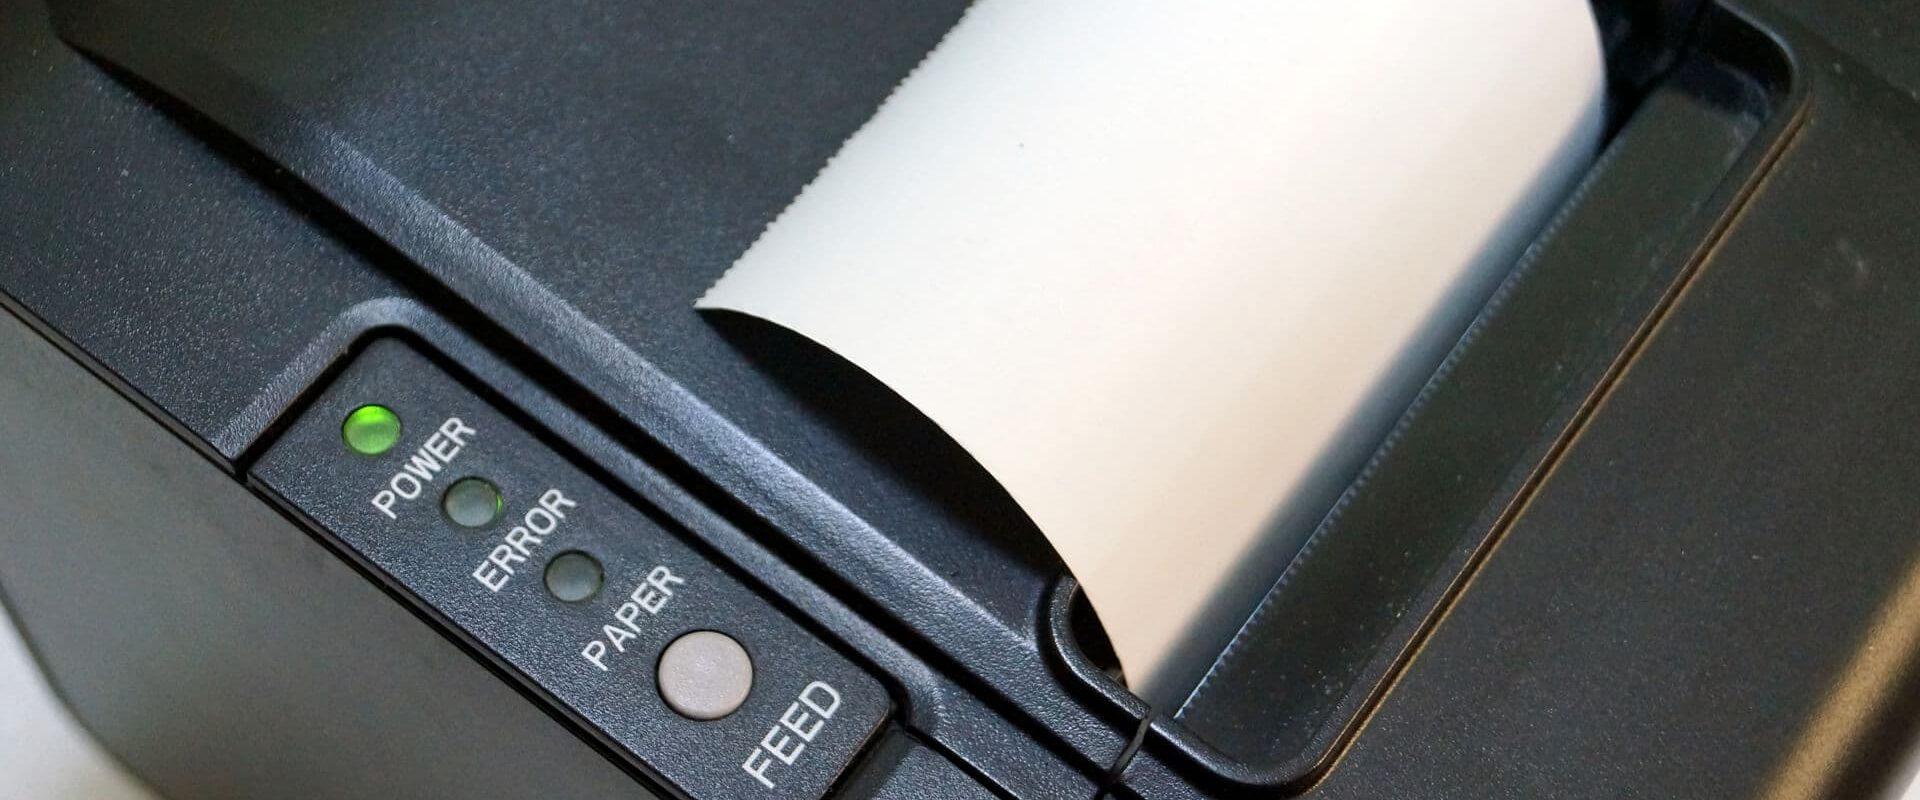 L'imprimante thermique, vers une impression sans cartouche d'encre